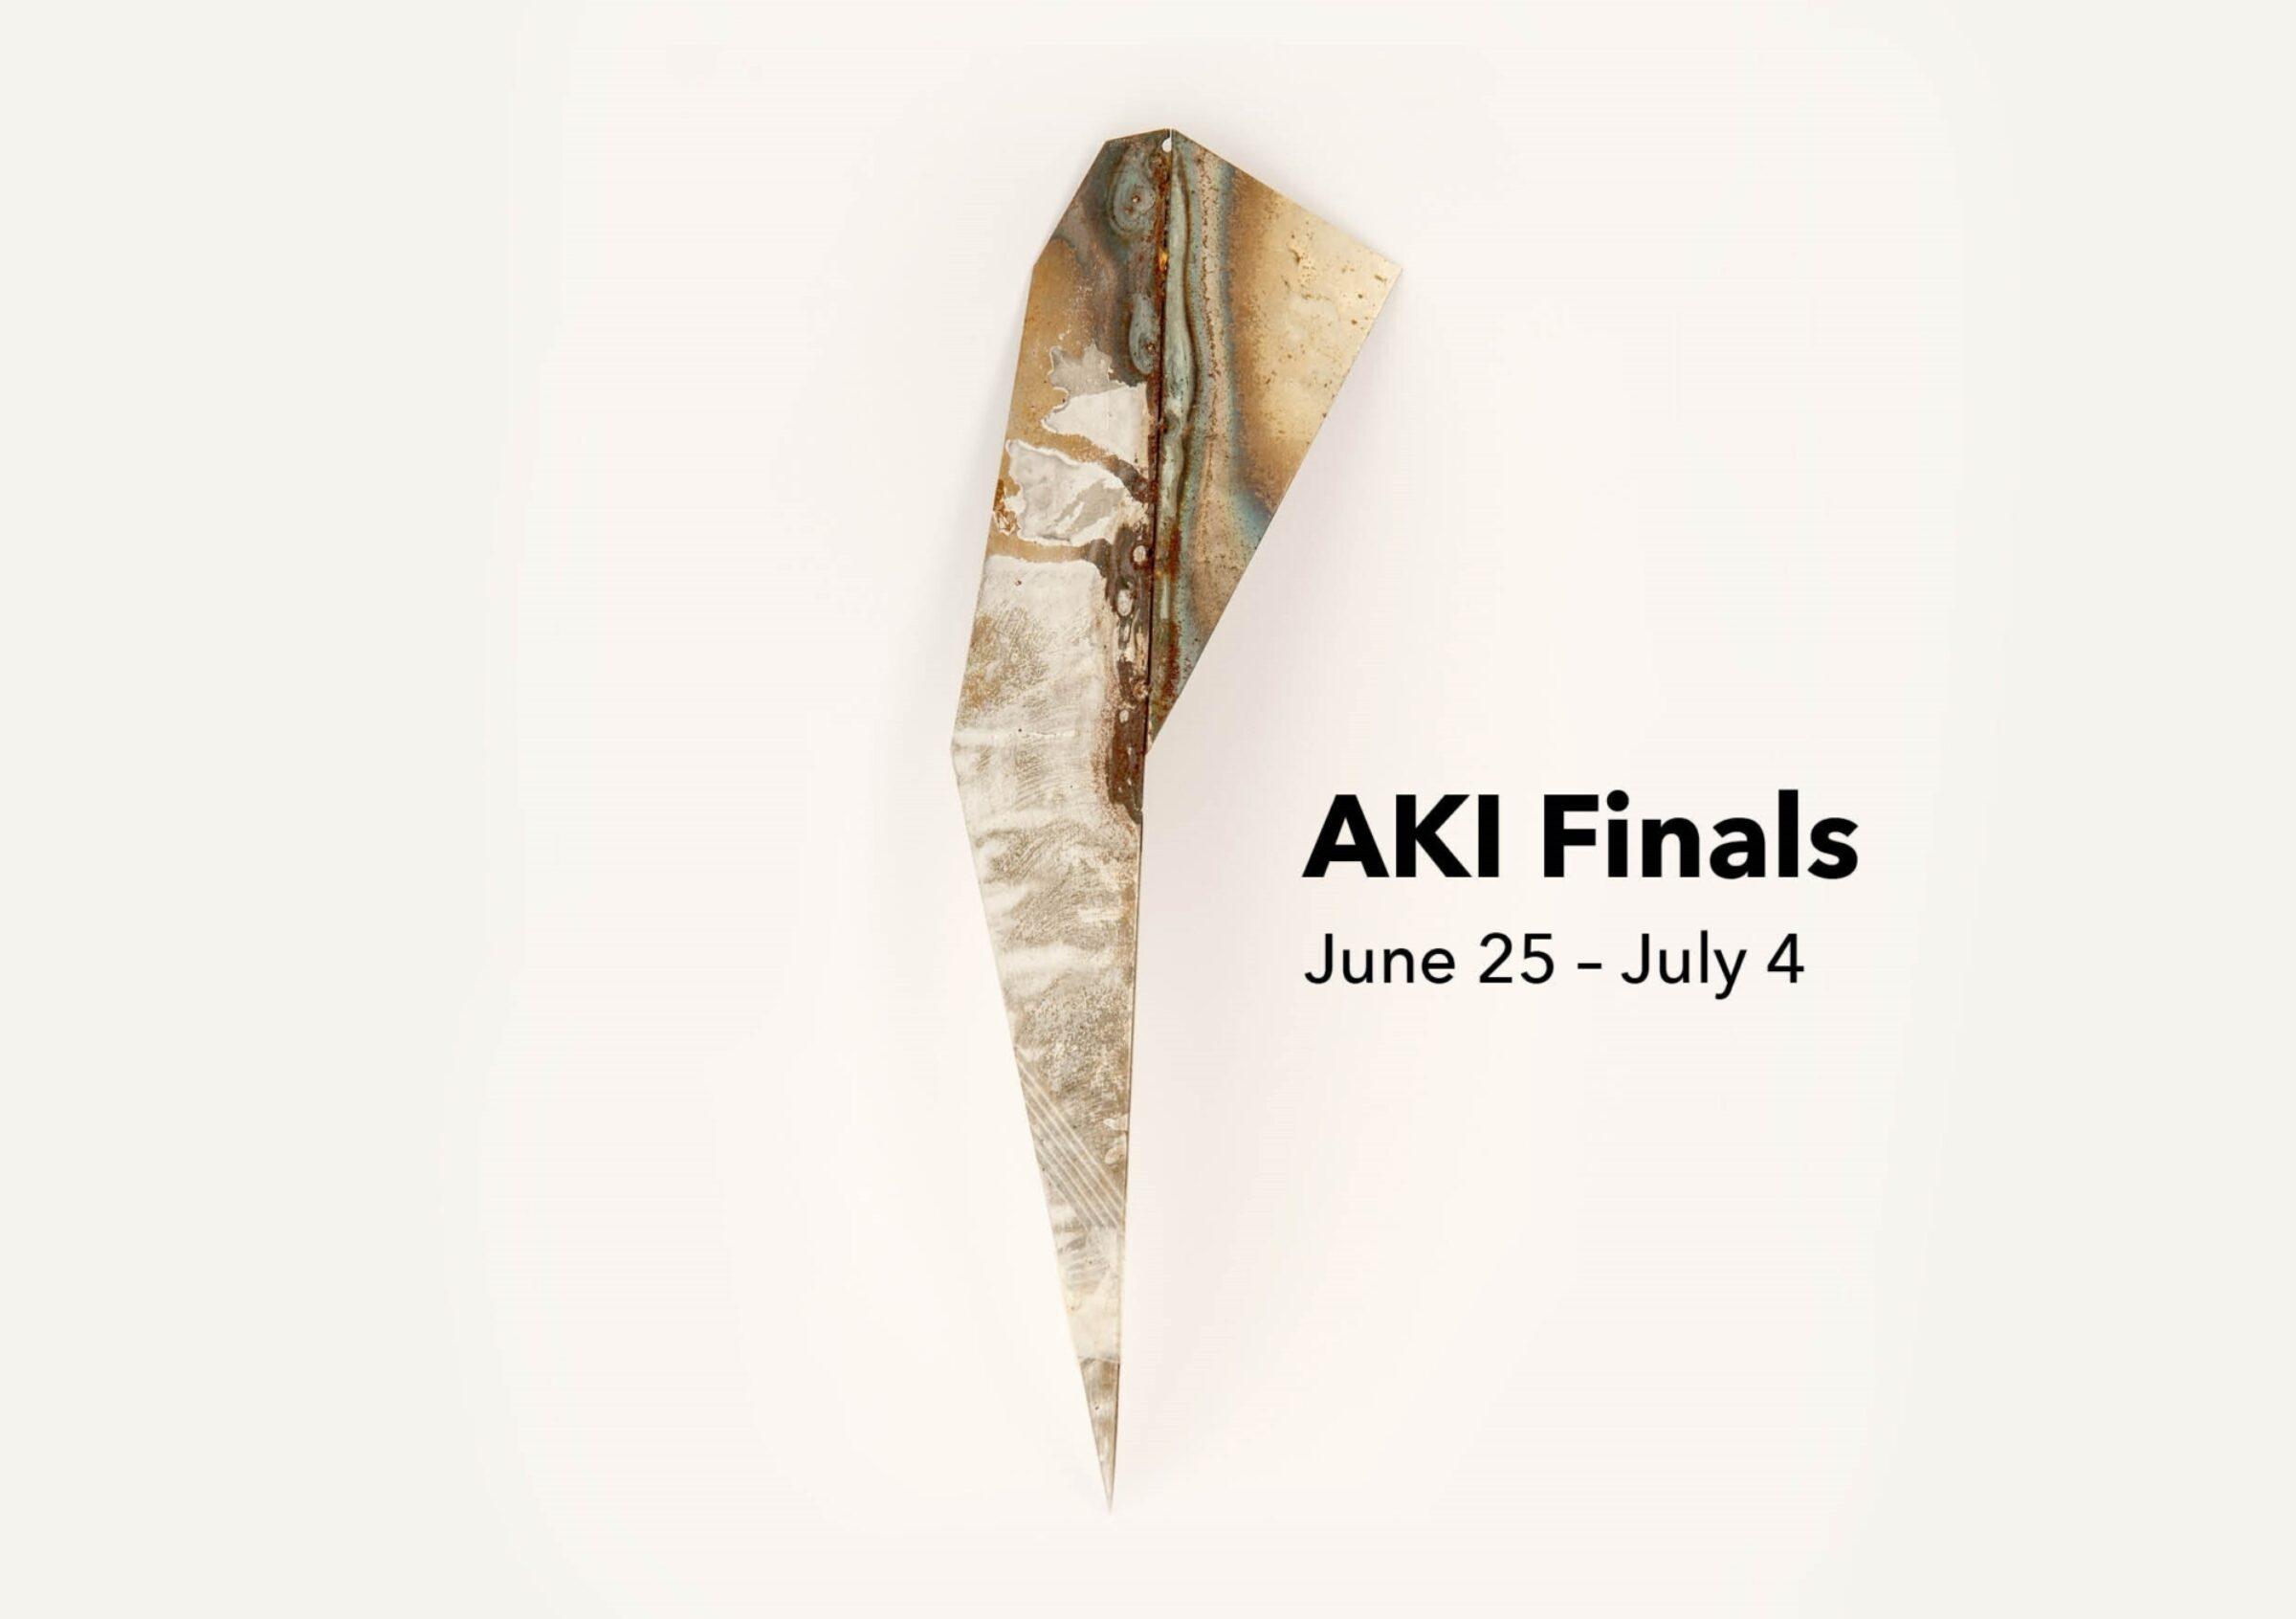 AKI Finals